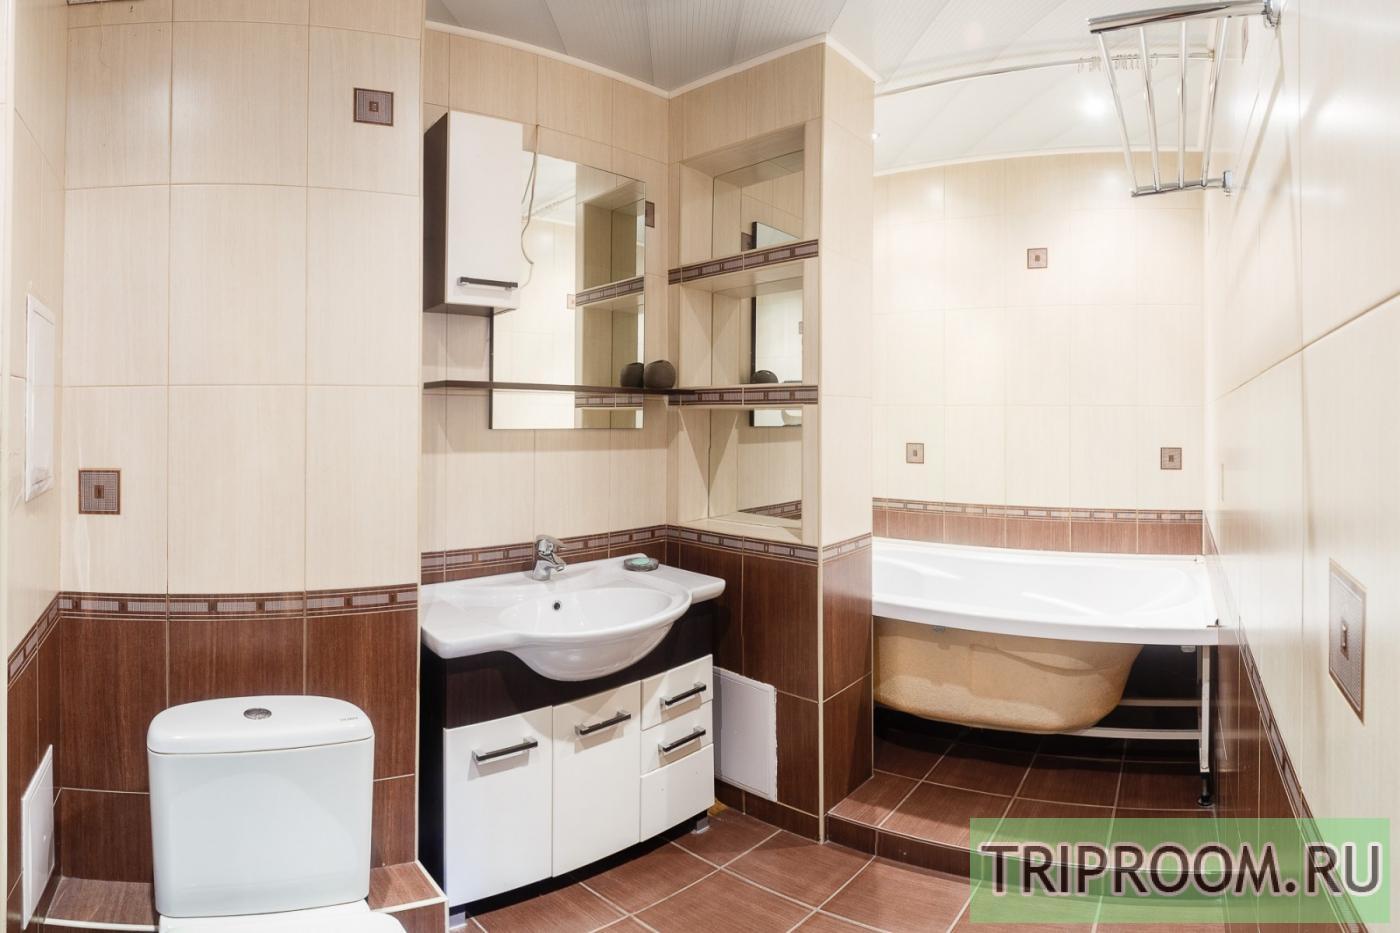 2-комнатная квартира посуточно (вариант № 4976), ул. Волочаевская улица, фото № 12